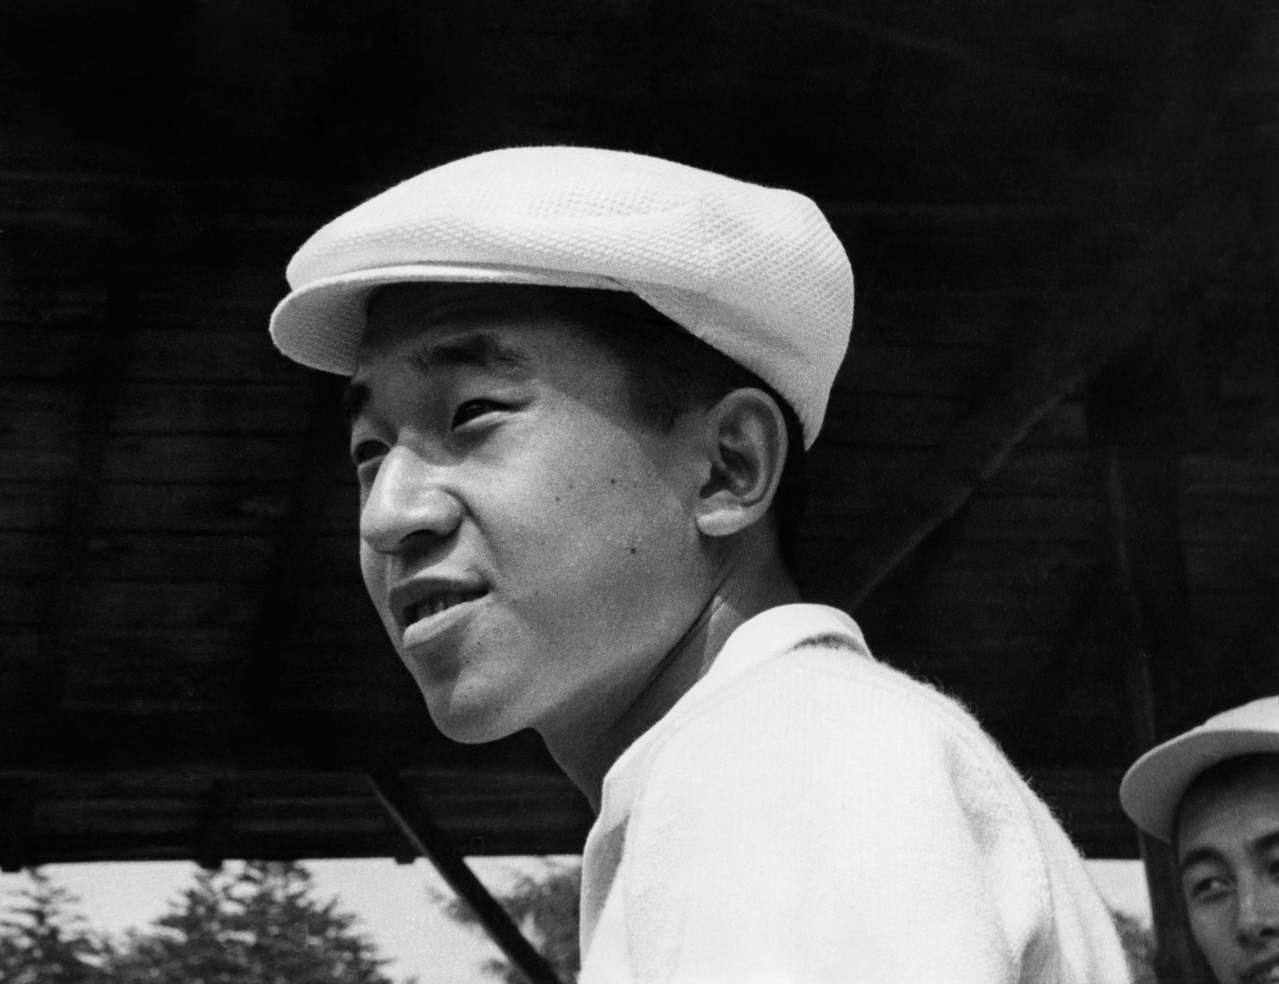 日本天皇明仁30日退位,圖為他還是皇太子時的檔案照,日期不詳。法新社